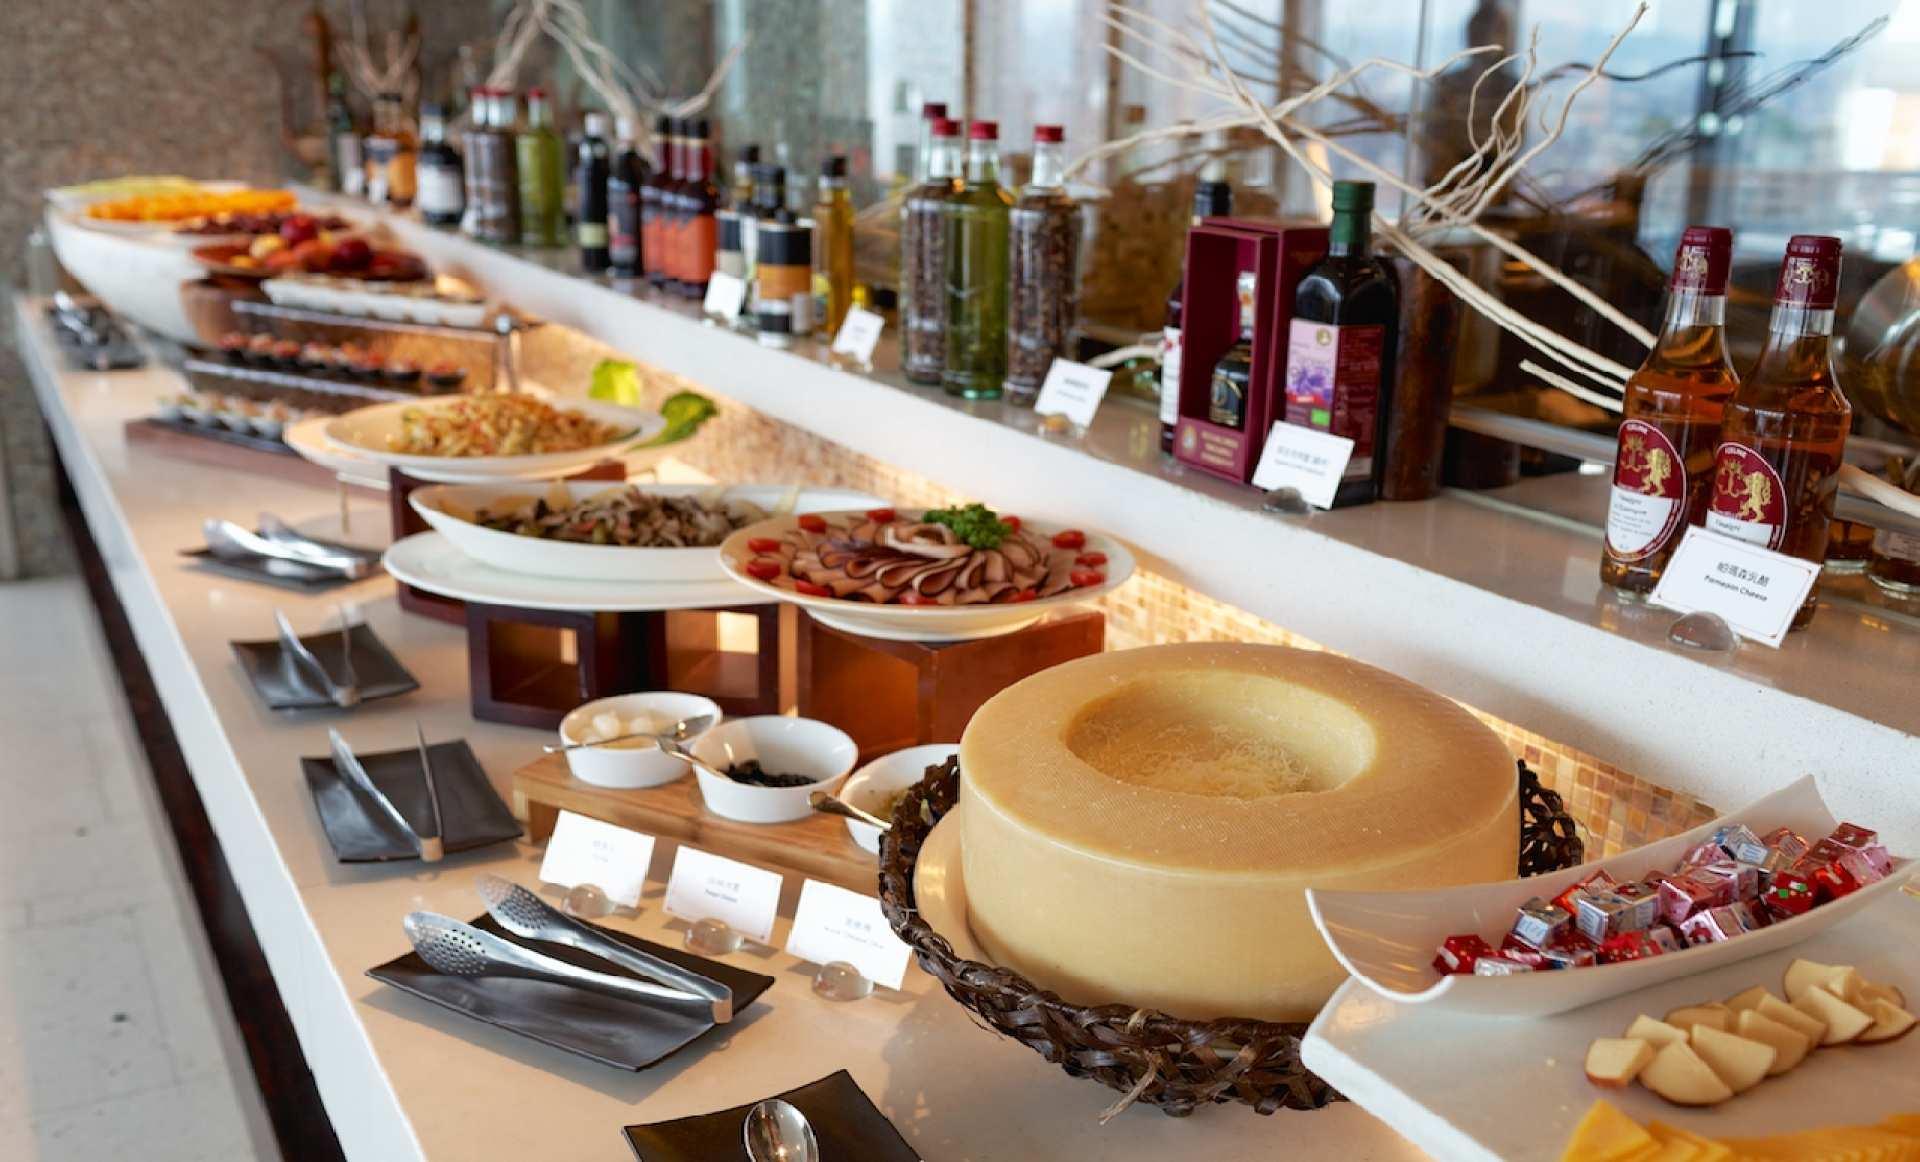 【假日不加價】台中亞緻大飯店28F異料理主菜+自助沙拉吧午餐/晚餐券